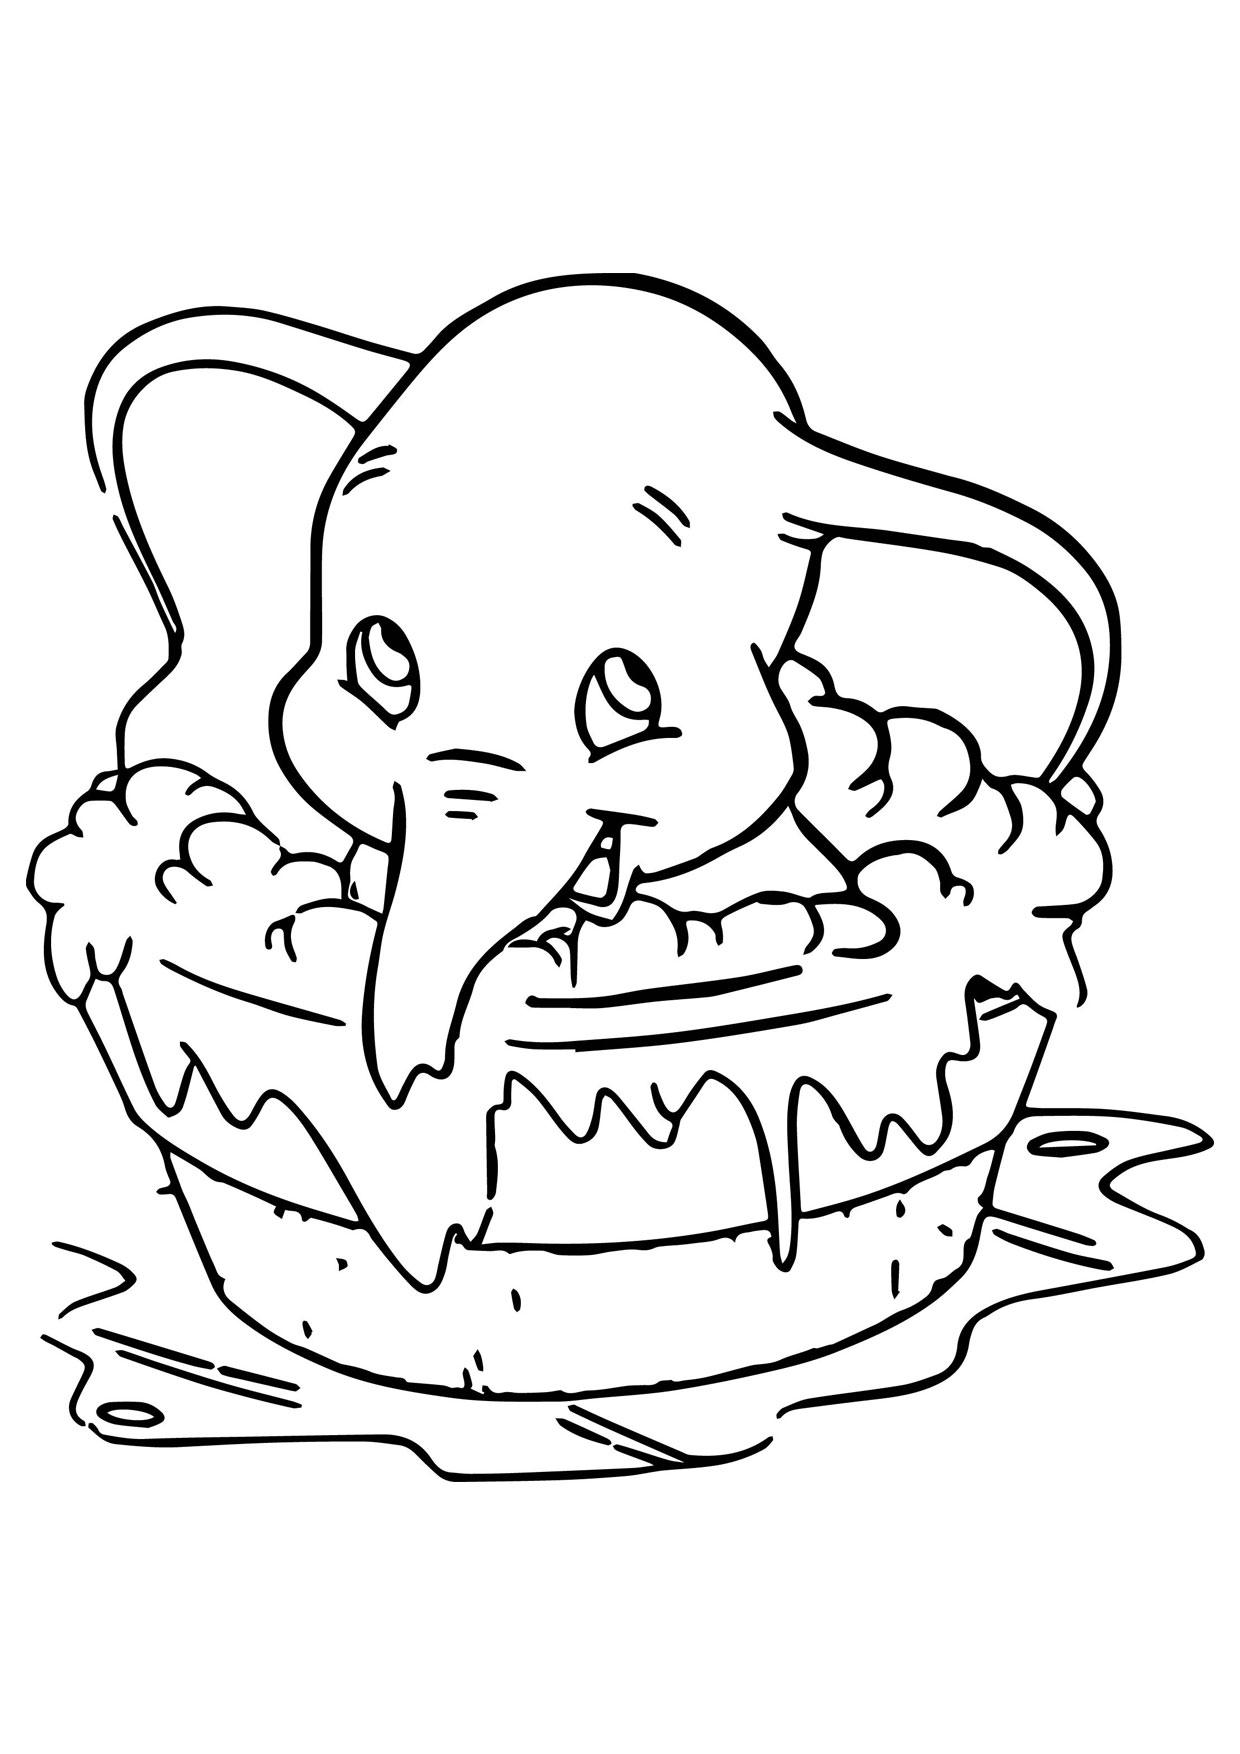 Disegno di Elefante Cartoon da colorare 13